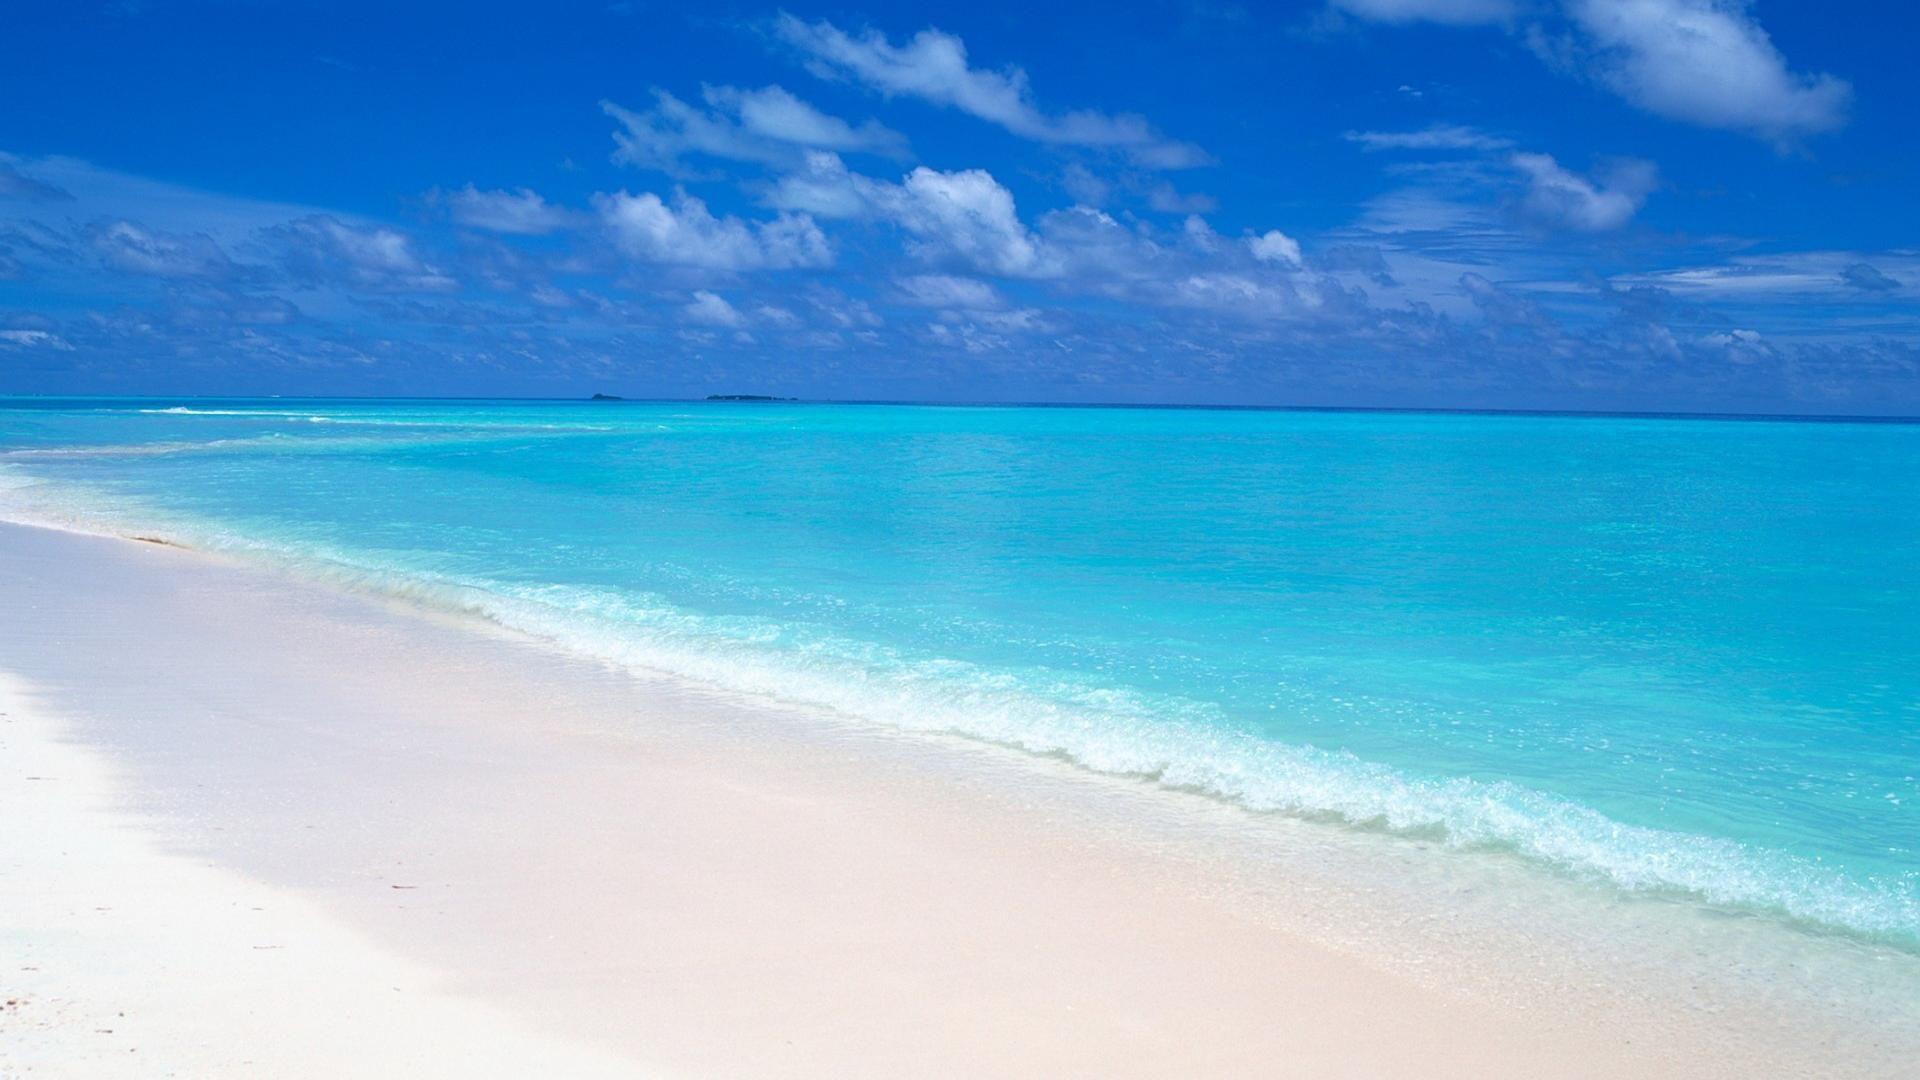 Красивые картинки пляжа для рабочего стола - подборка 3